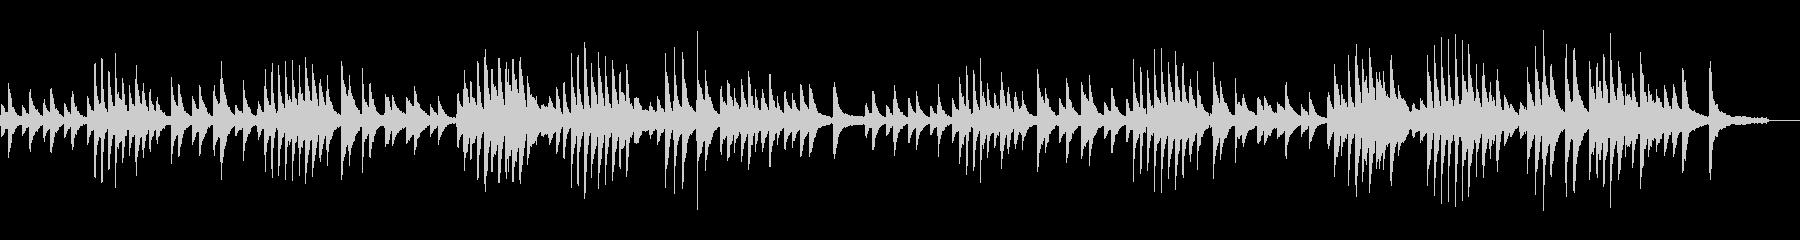 サティーのジムノペディ1番です(原曲)の未再生の波形